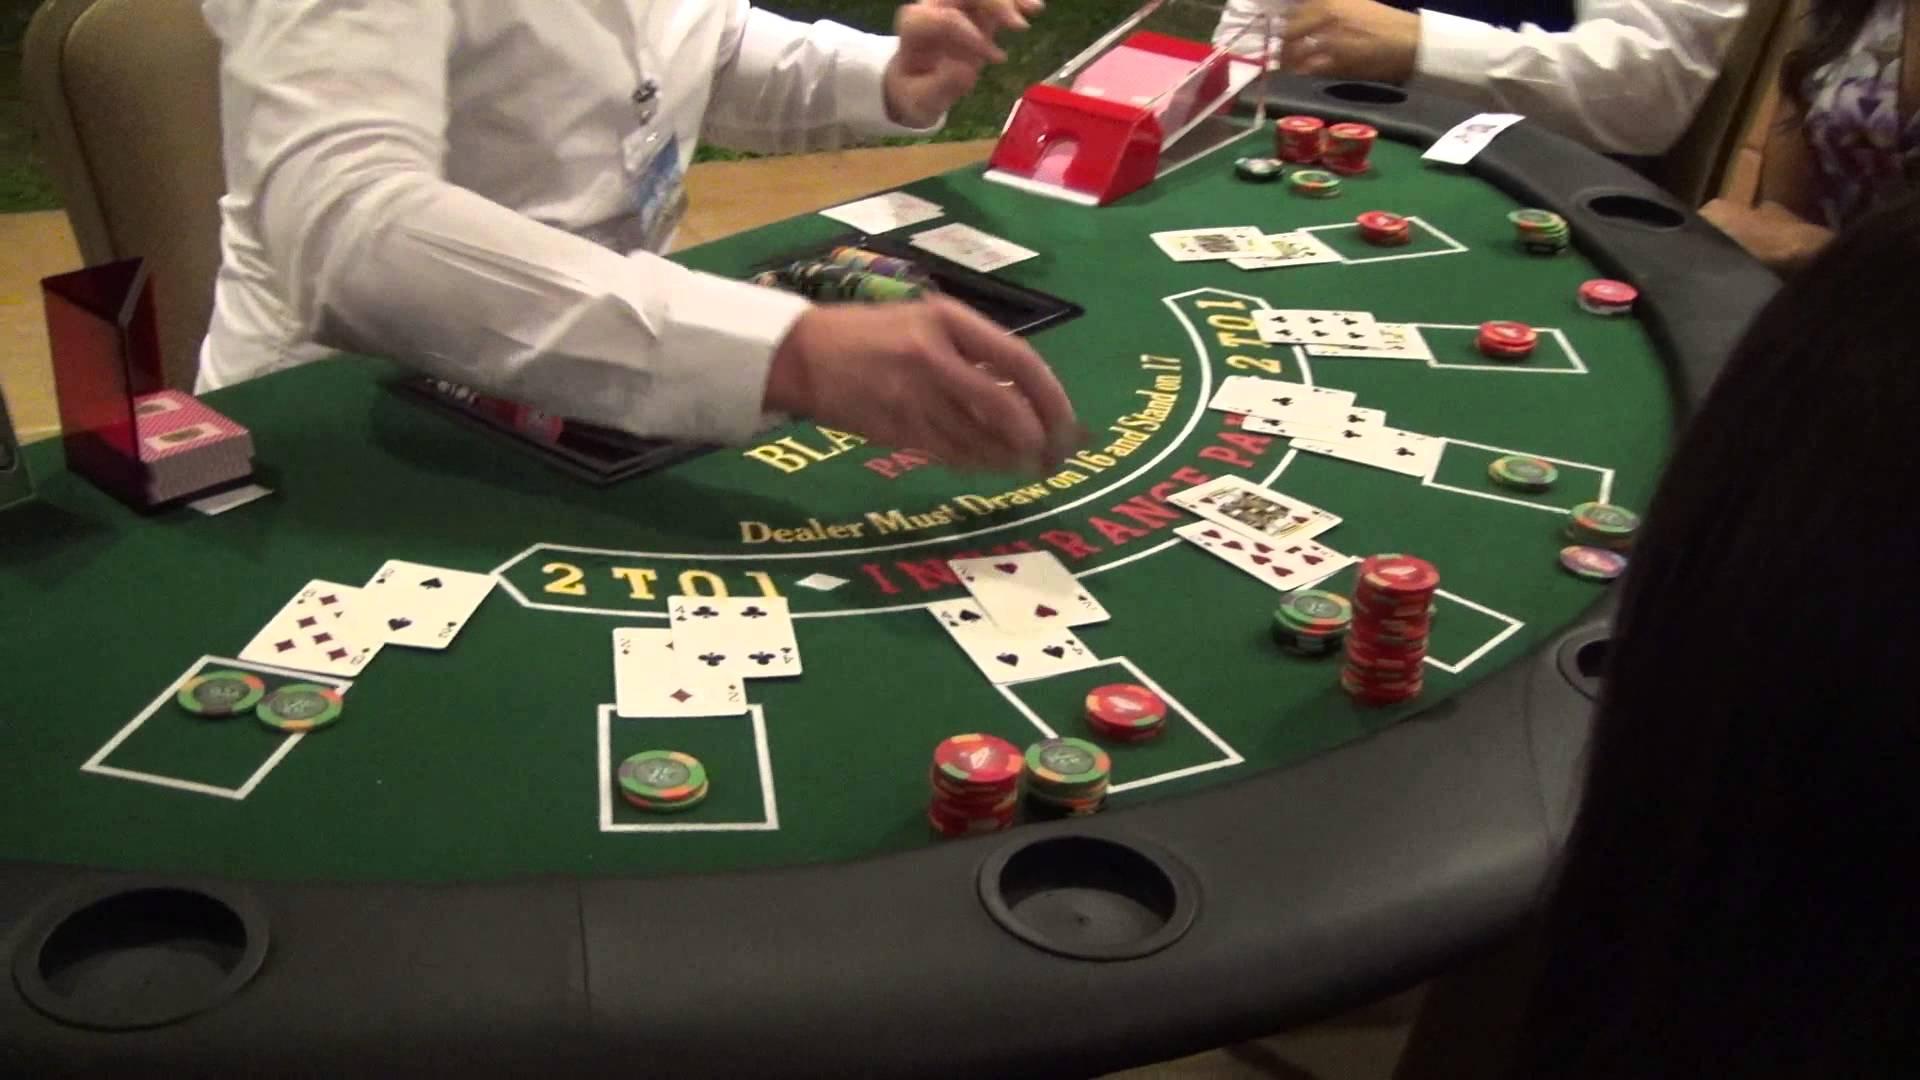 Блэк джек онлайн казино